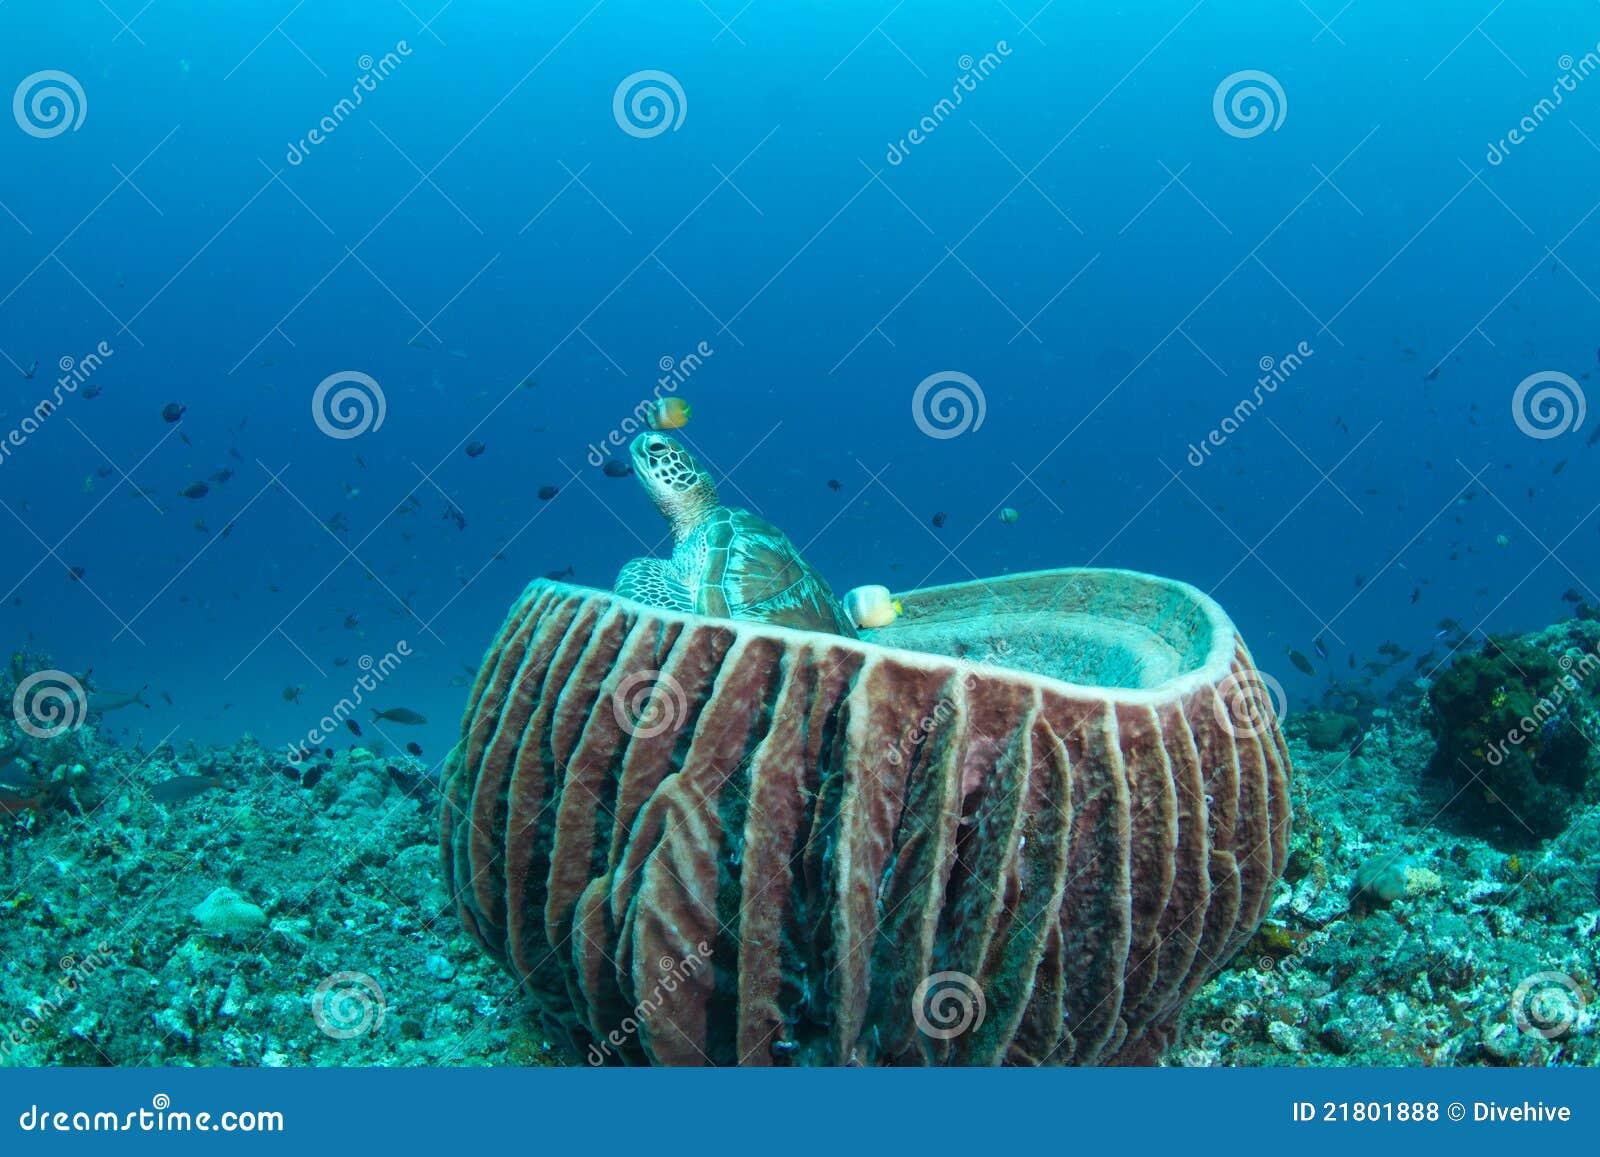 Grüne Schildkröte, die in einem Faßschwamm sitzt